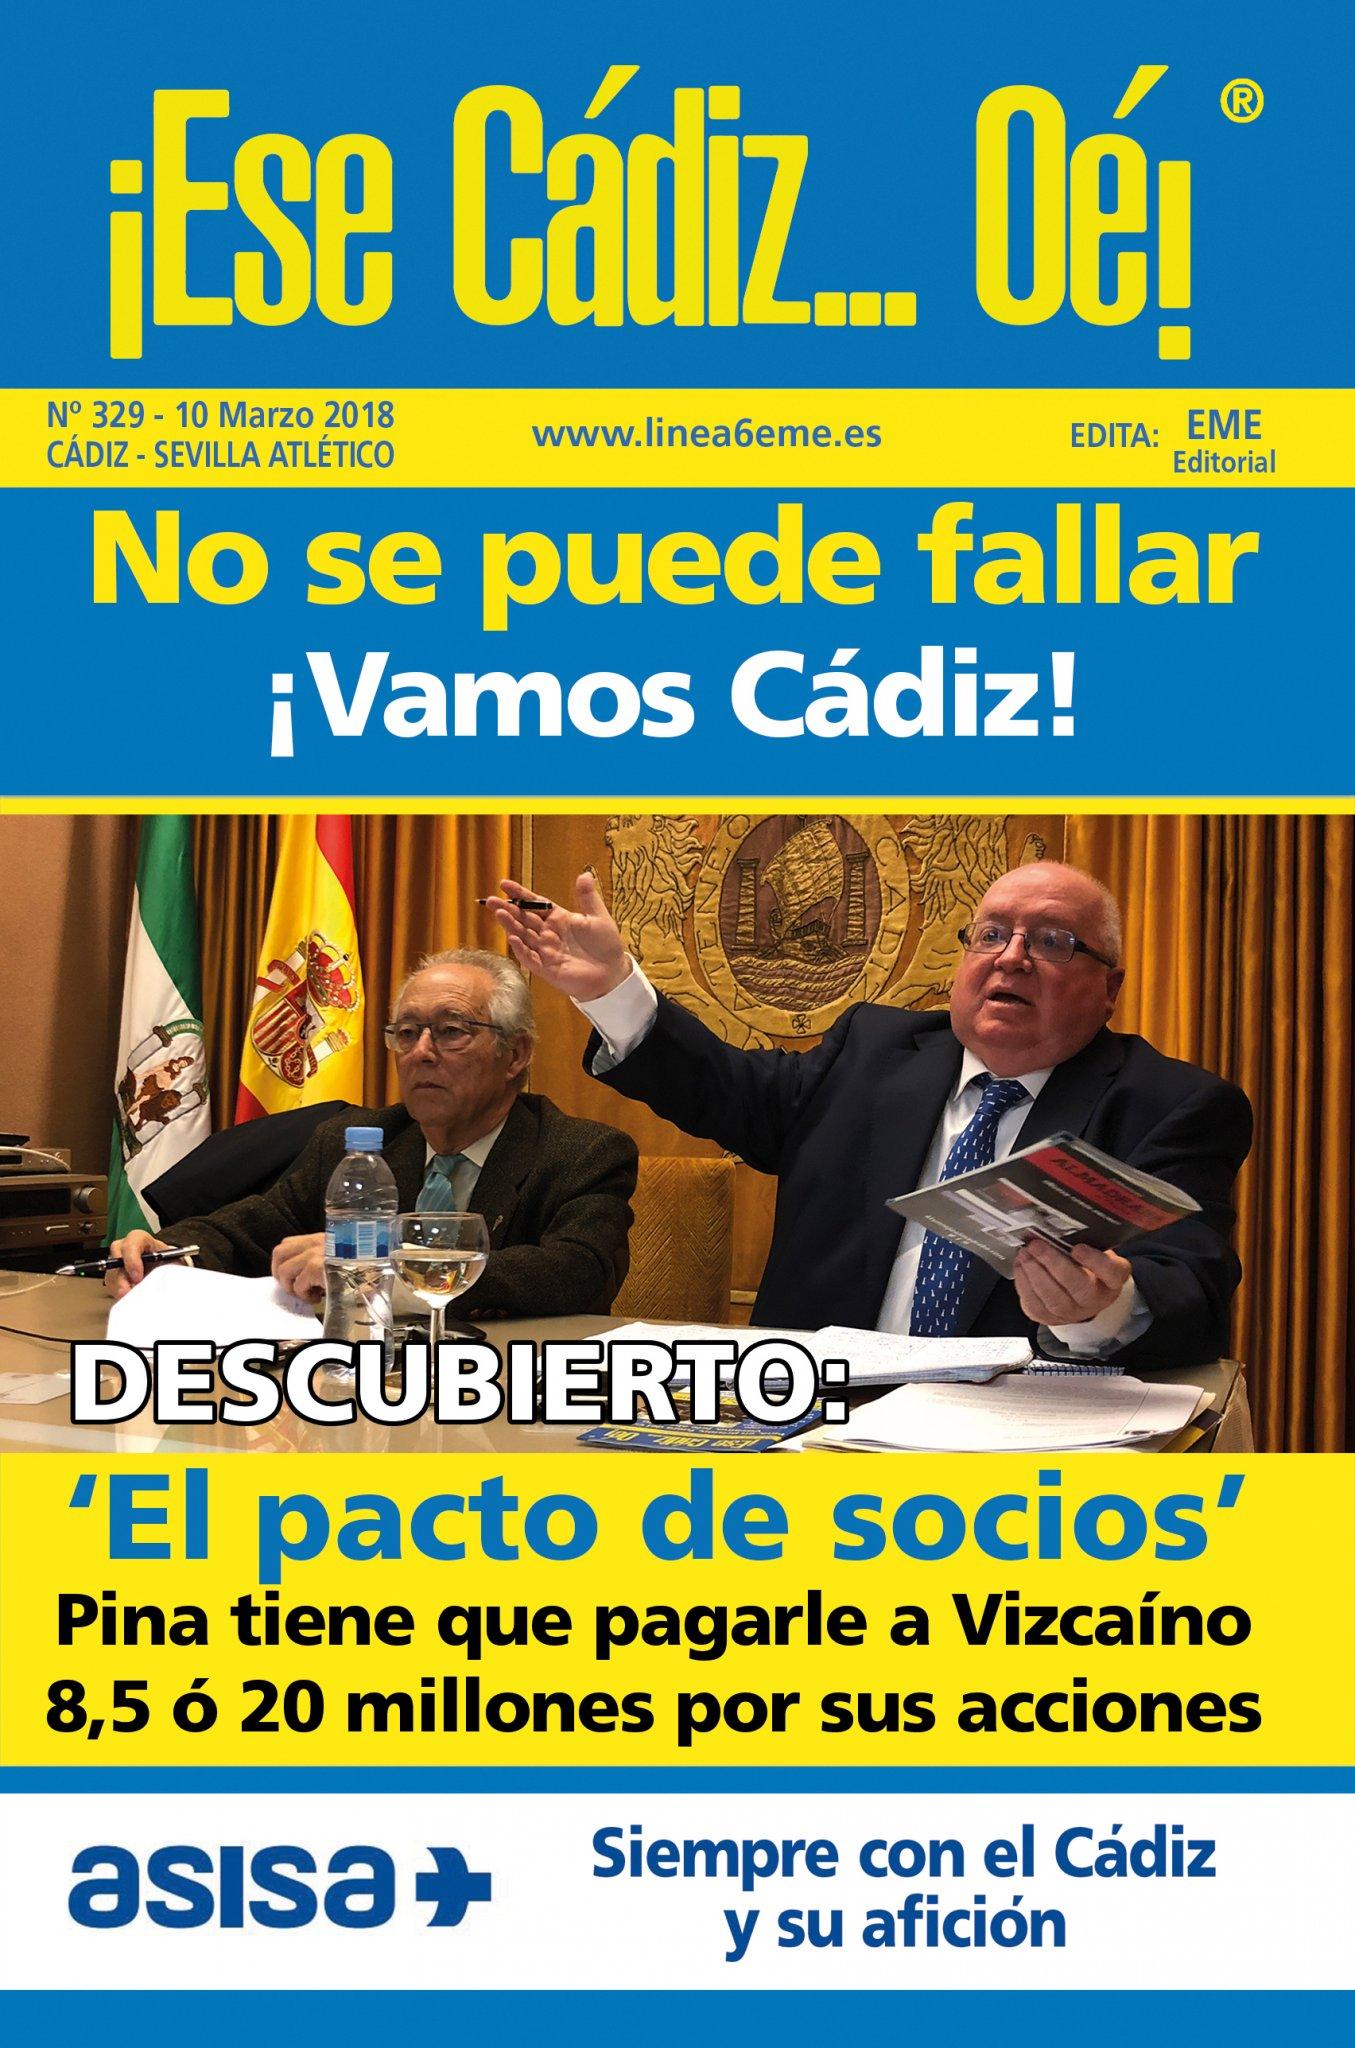 ¡Ese Cádiz…Oé! núm. 329 Temporada 2017/18